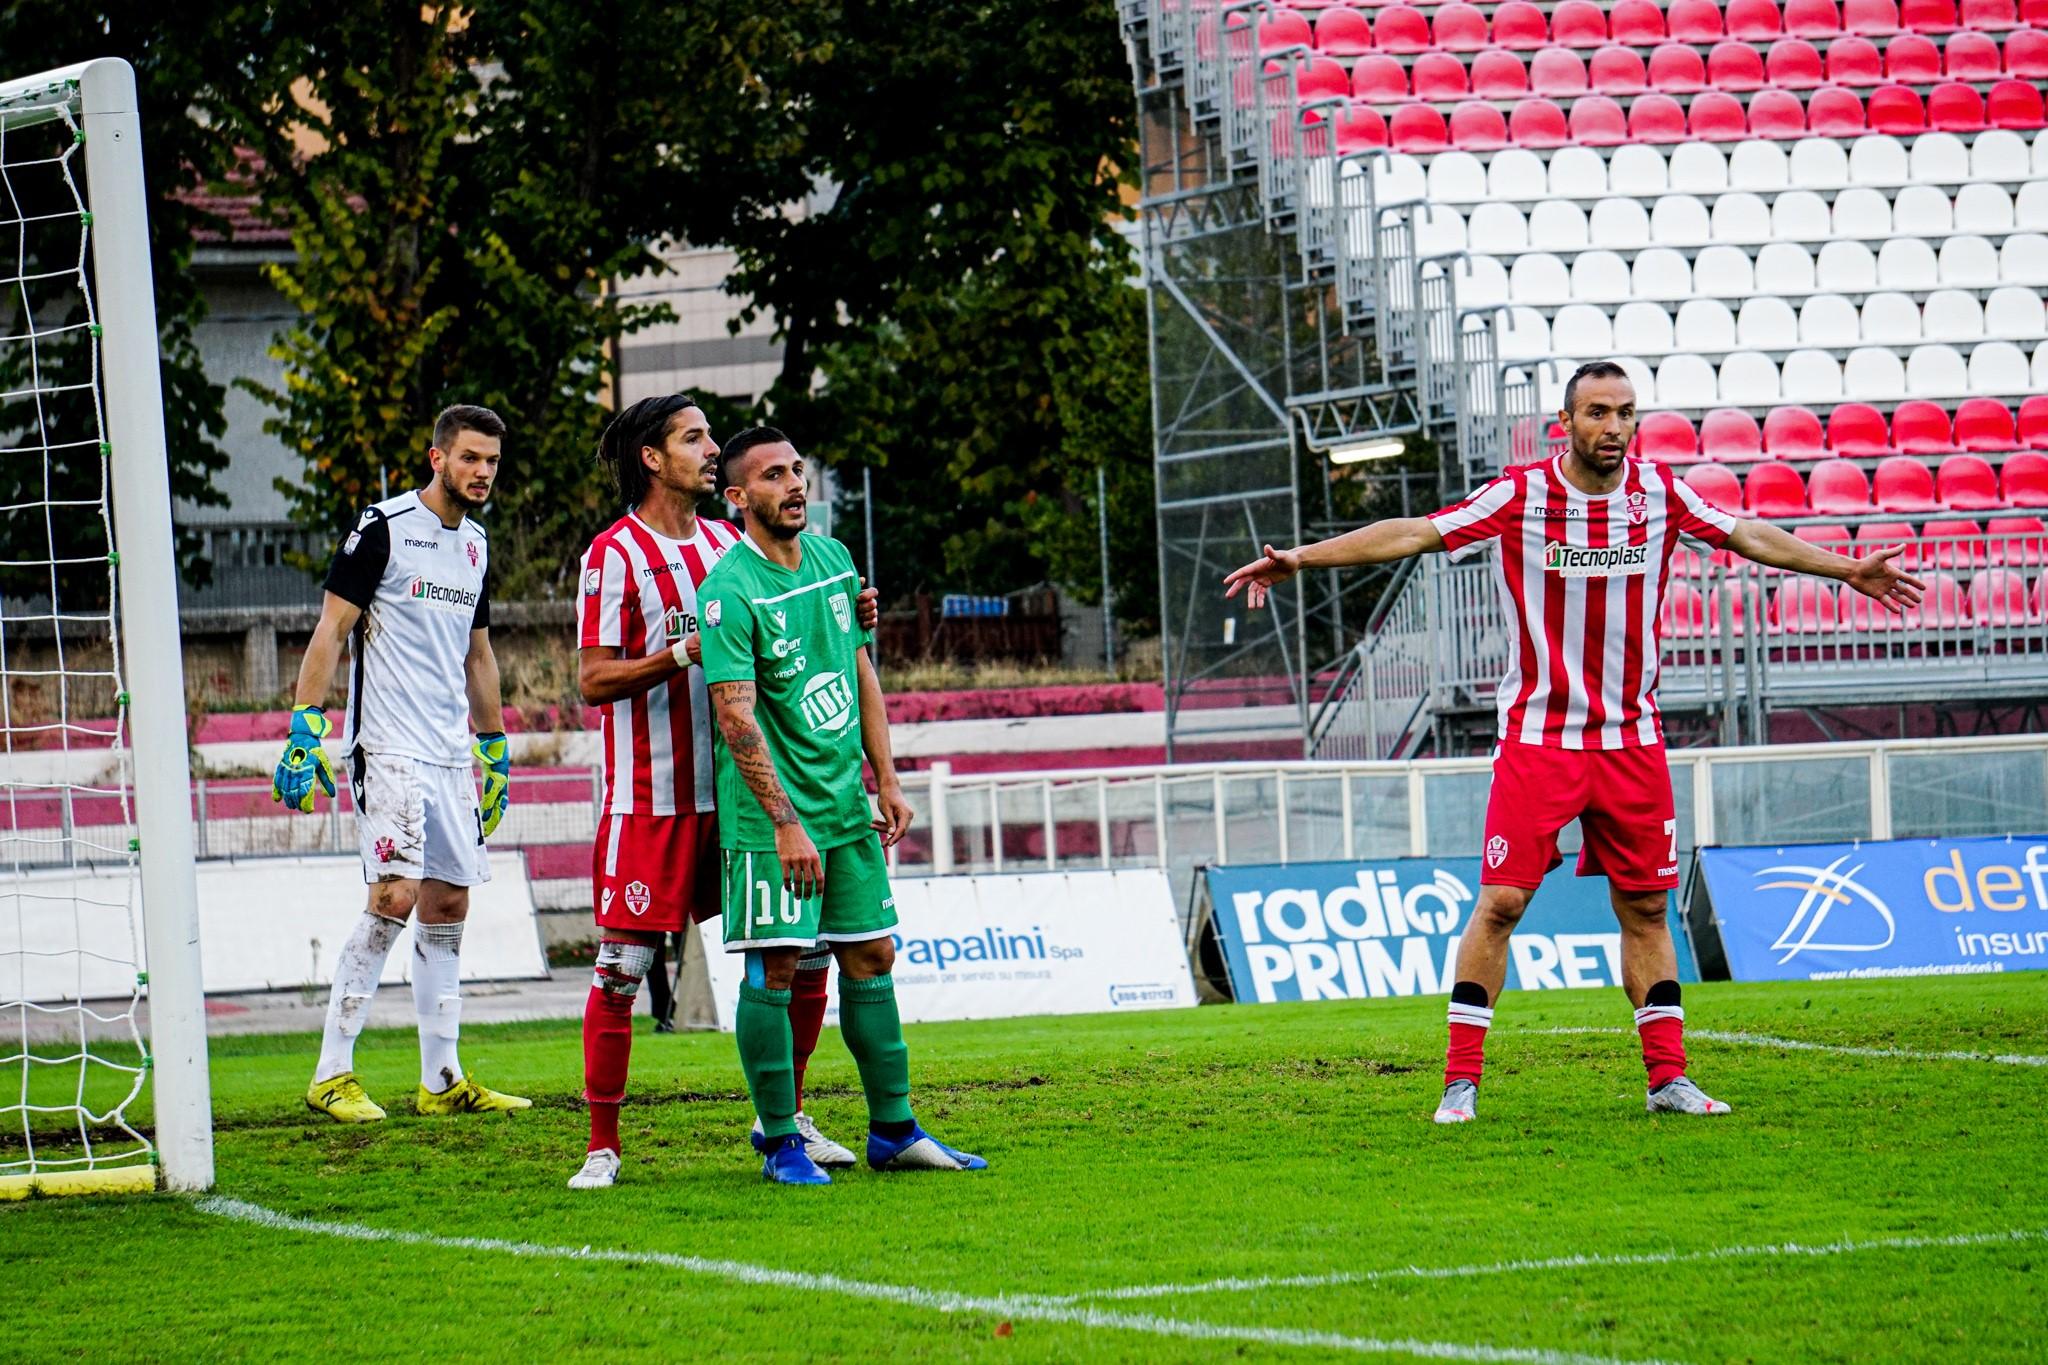 Matelica perde a Pesaro, la Vis vince 2-1 la sfida del derby